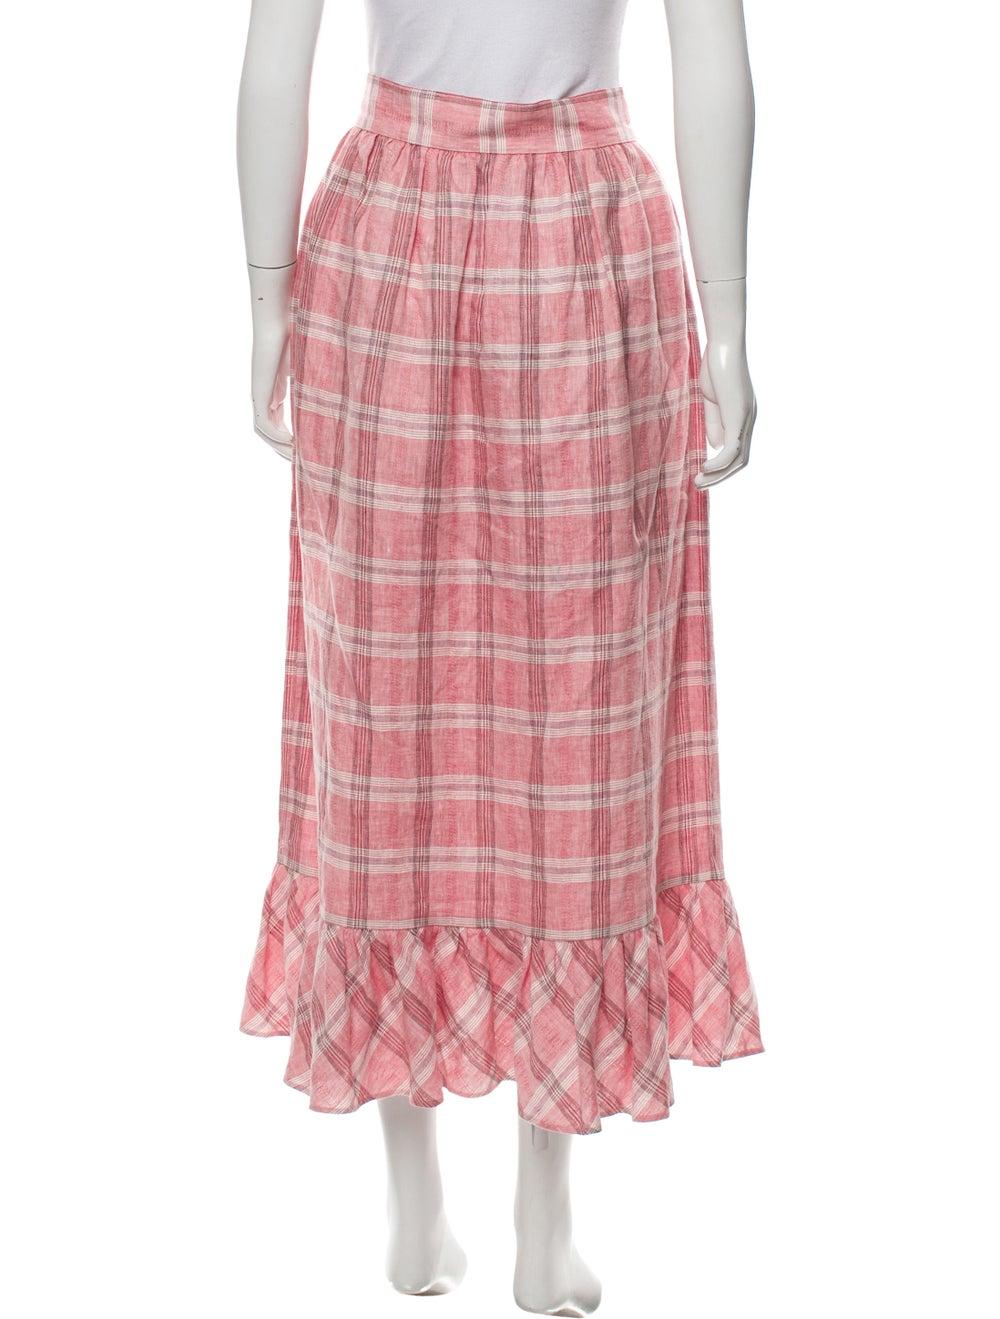 Markarian 2019 Gingham Pattern Skirt Pink - image 3